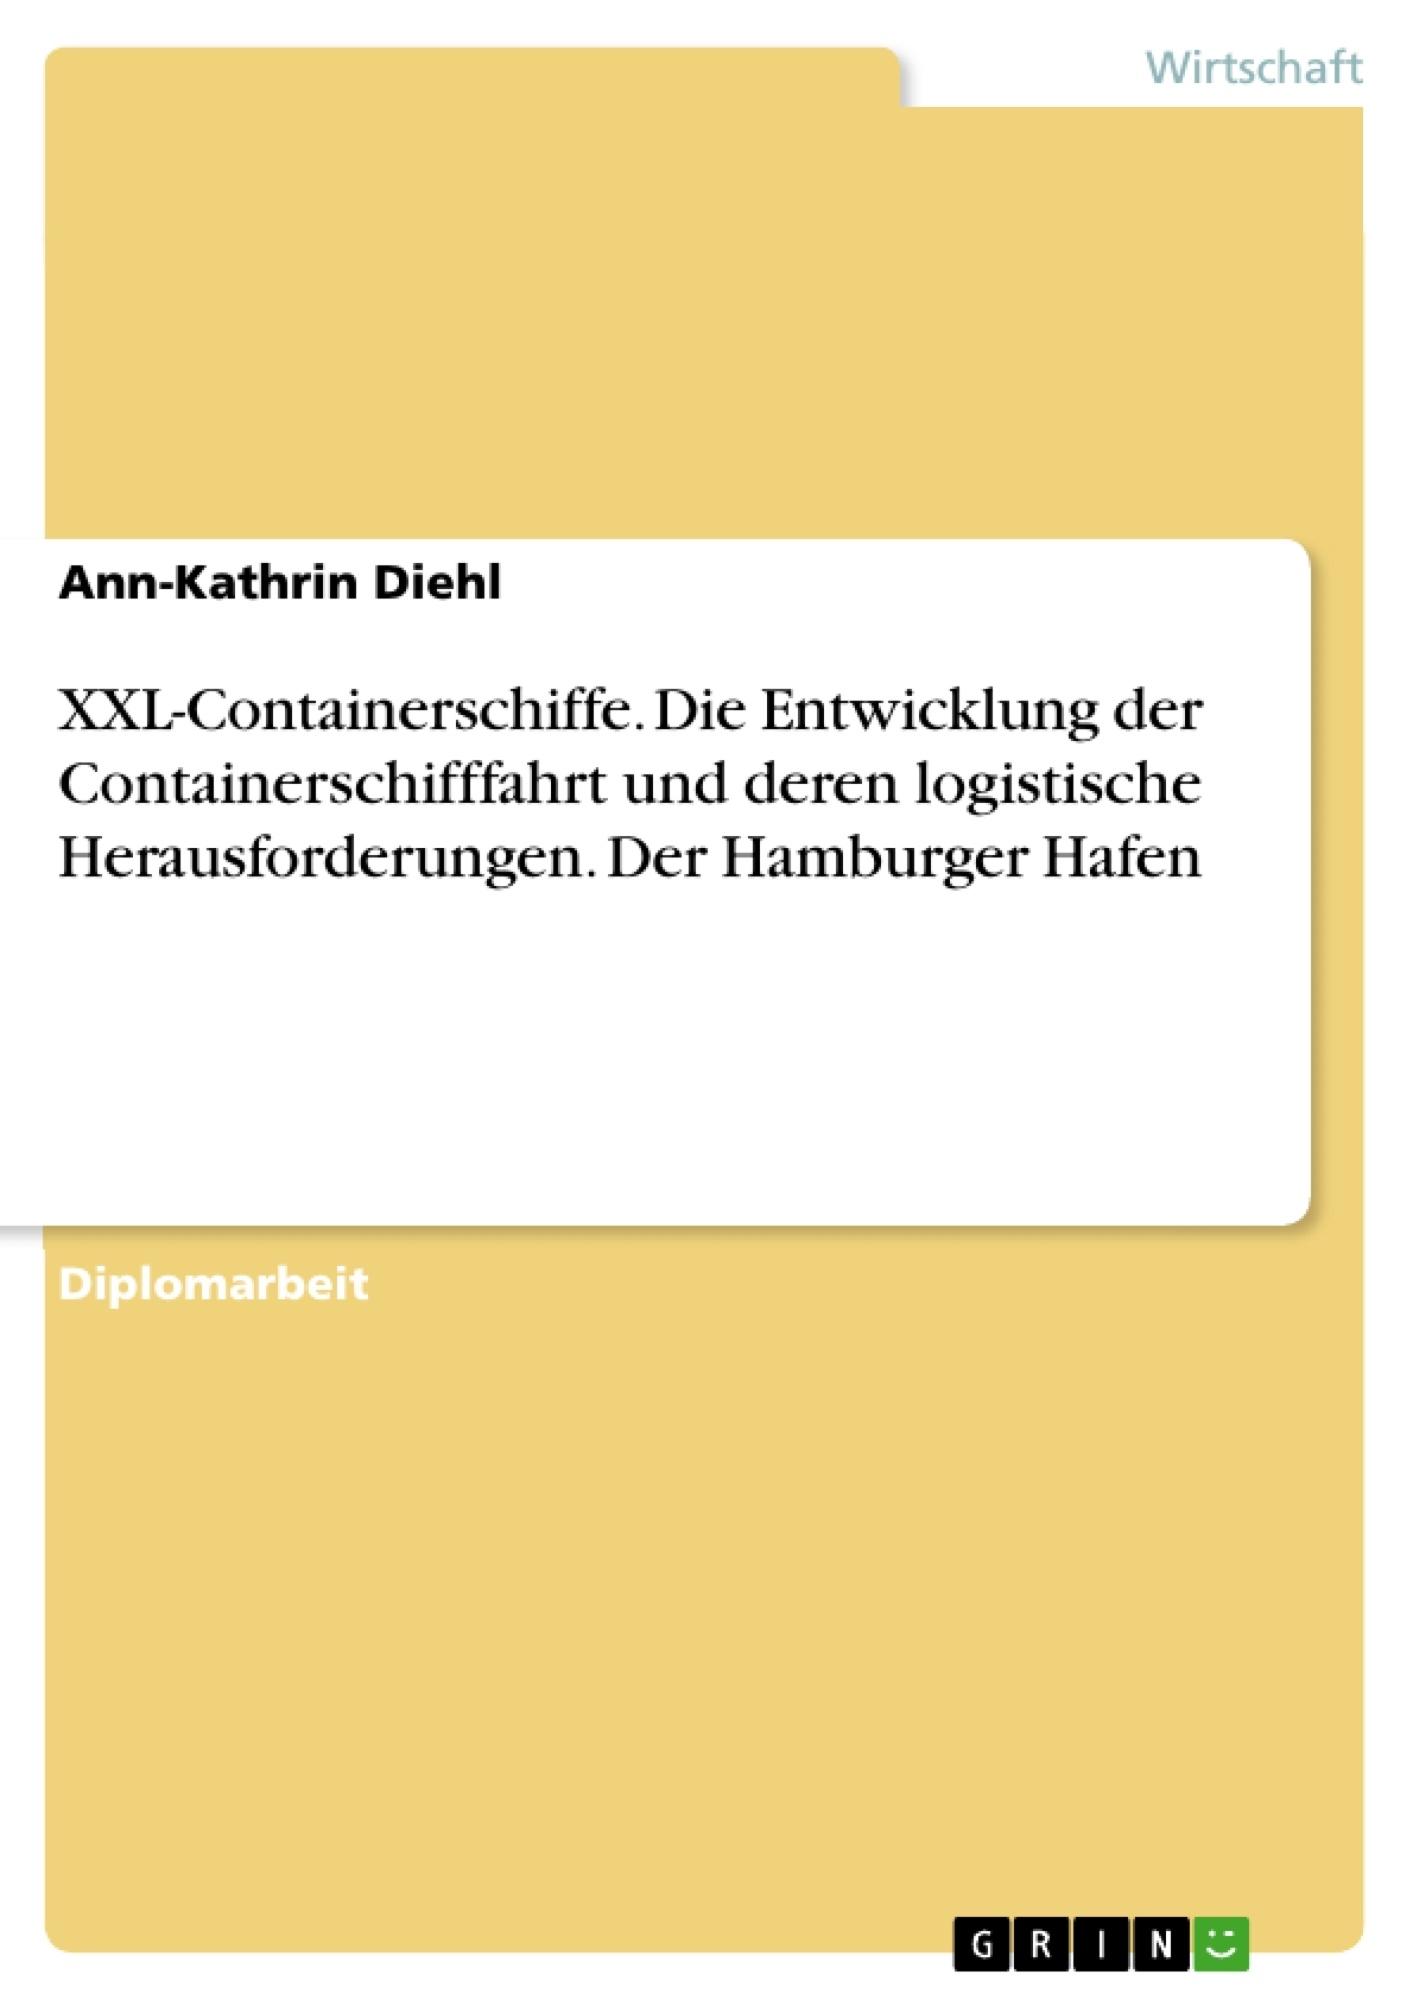 Titel: XXL-Containerschiffe. Die Entwicklung der Containerschifffahrt und deren logistische Herausforderungen. Der Hamburger Hafen